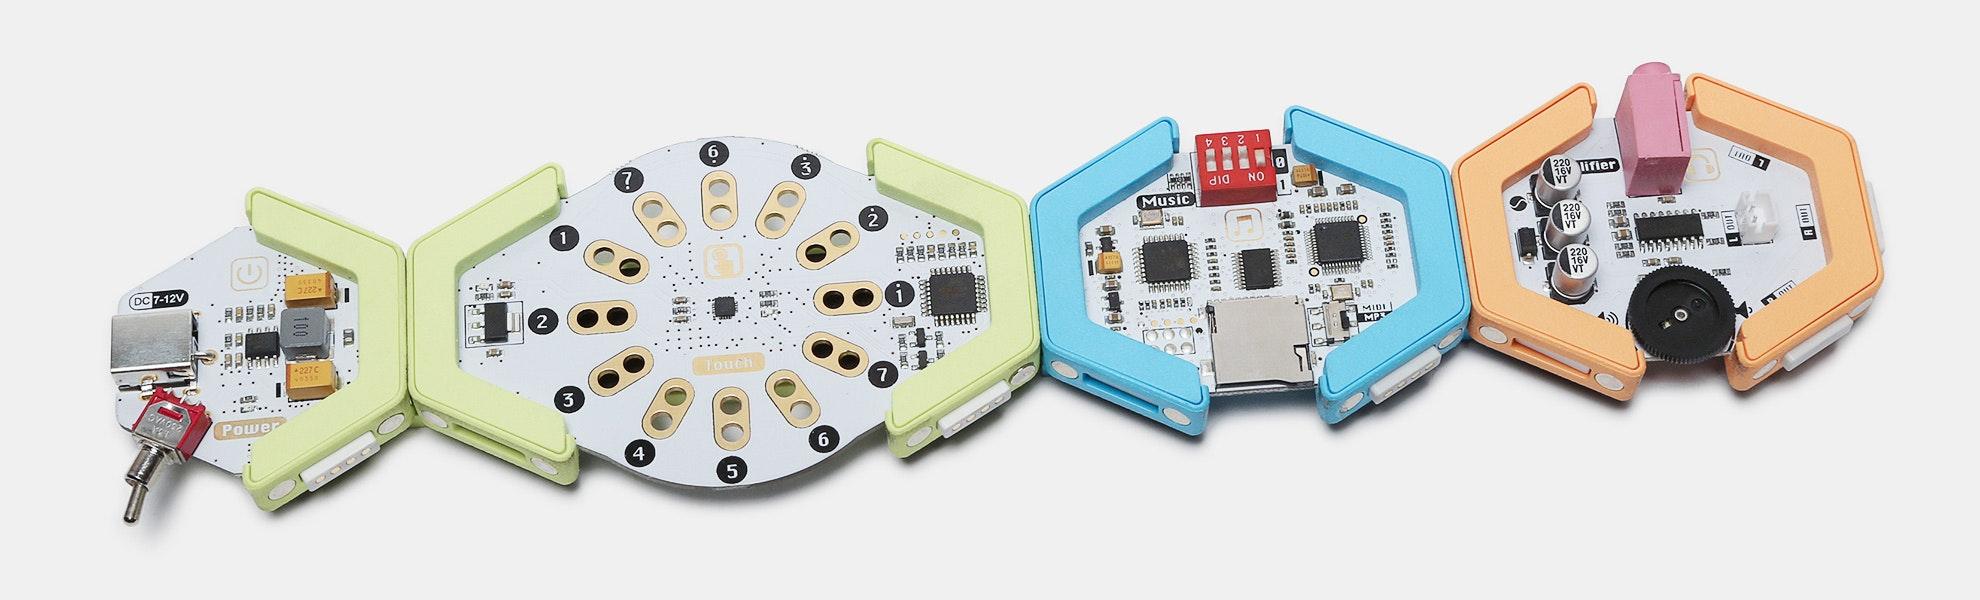 ElecFreaks HoneyComb Music Kit for STEM Education